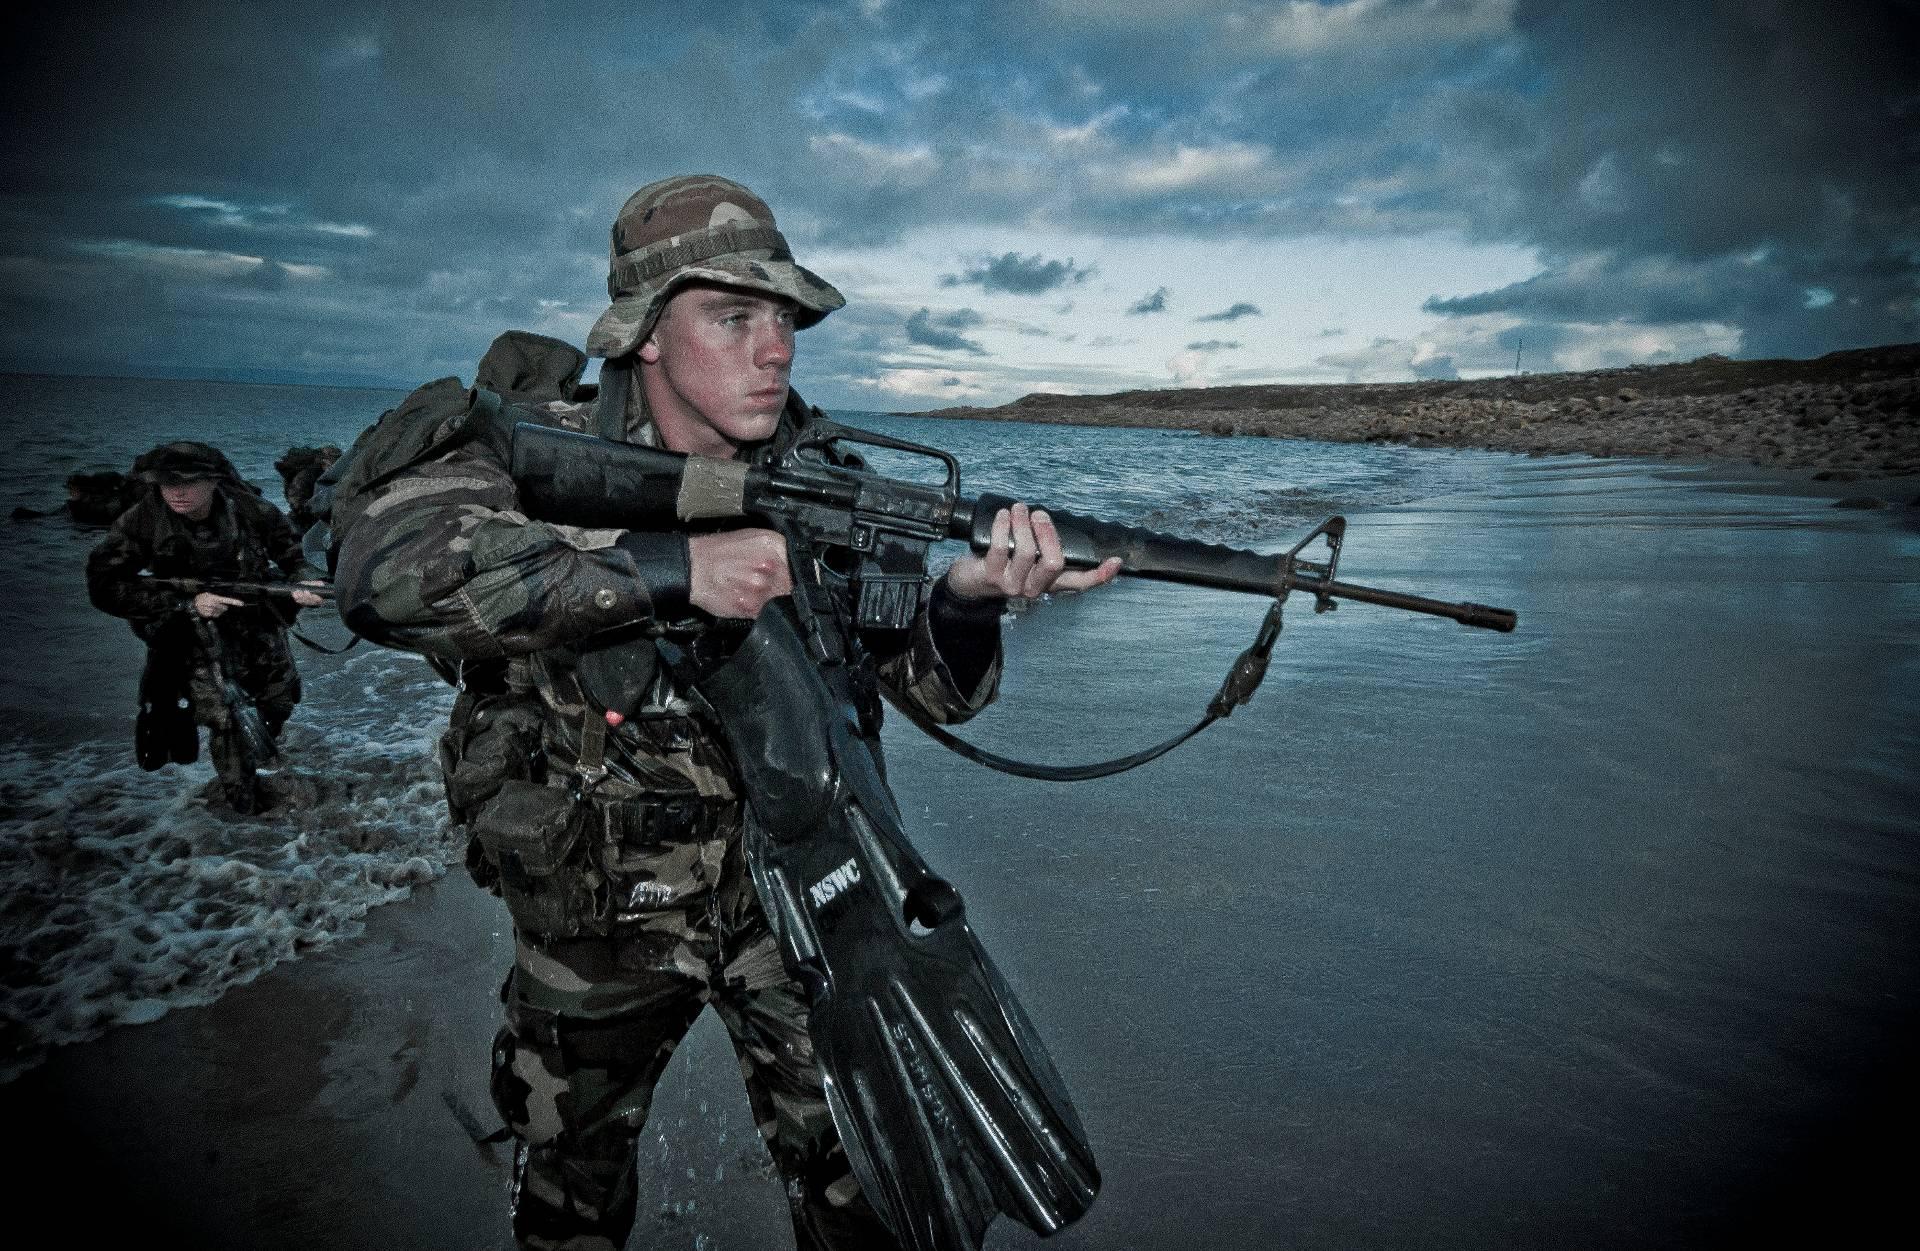 'Морские котики' против России: как натовцы собираются захватывать Крым